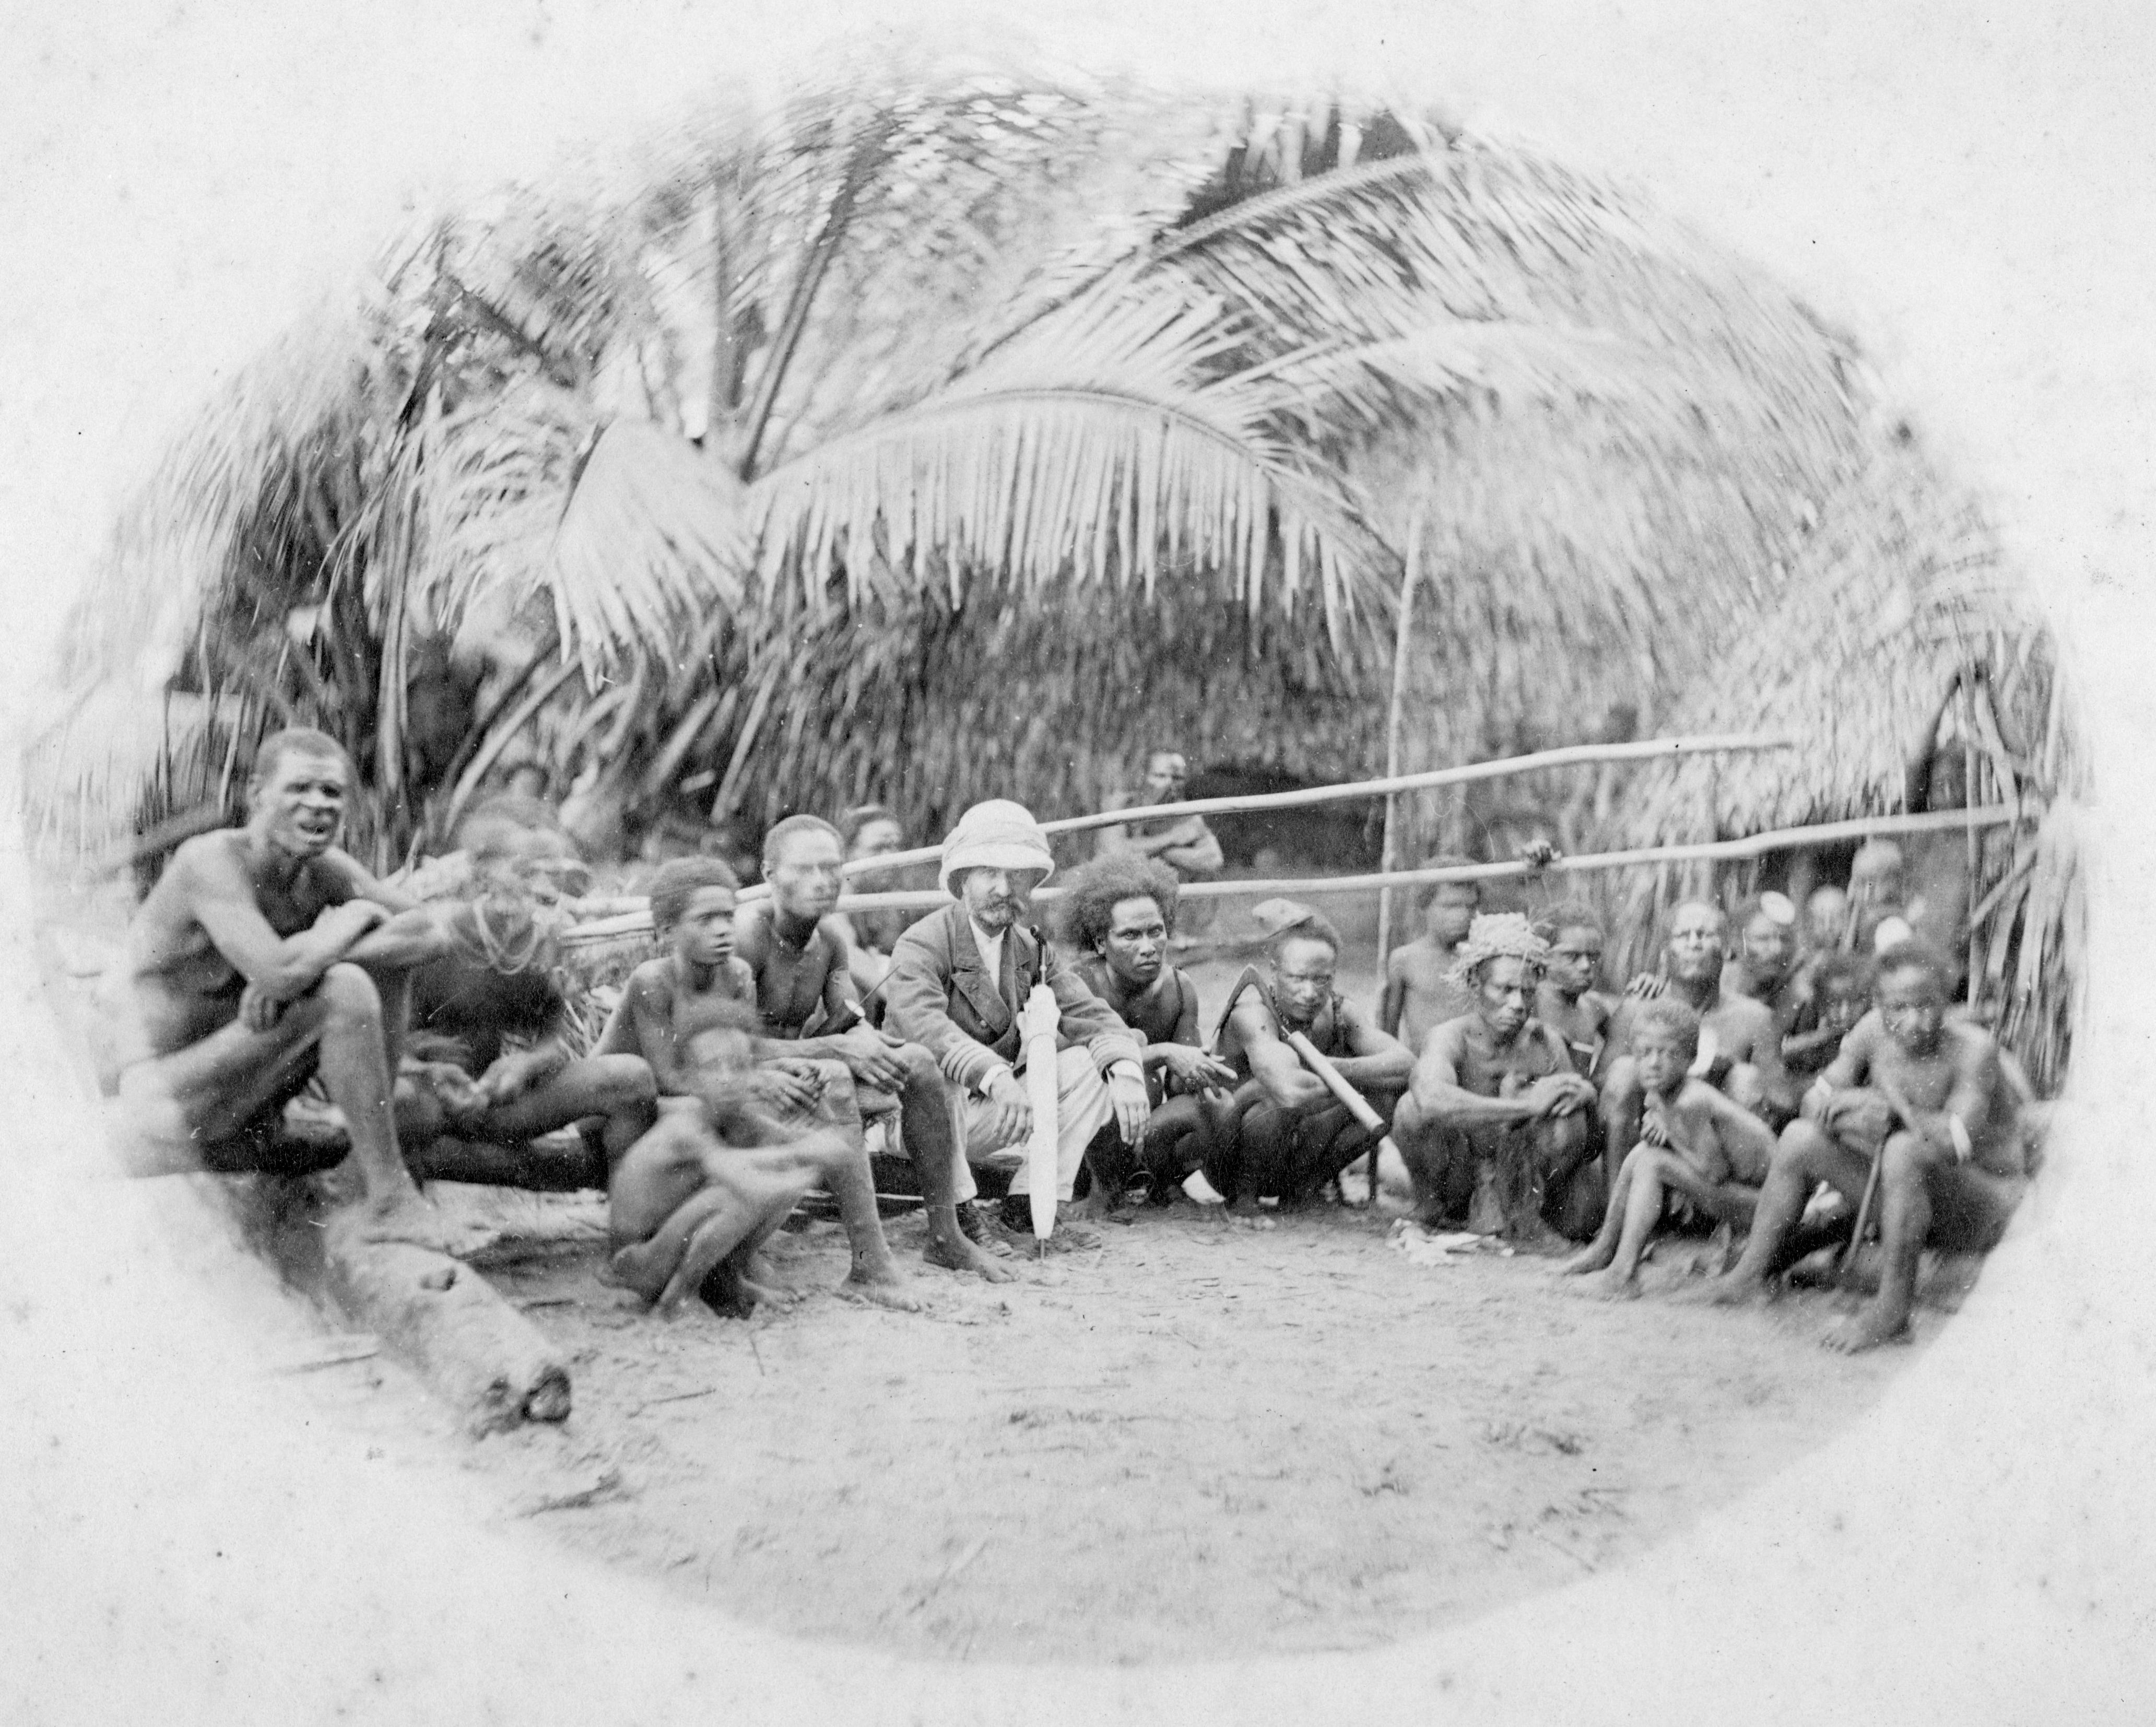 Kapitän Thomson umgeben von Ureinwohnern Australiens